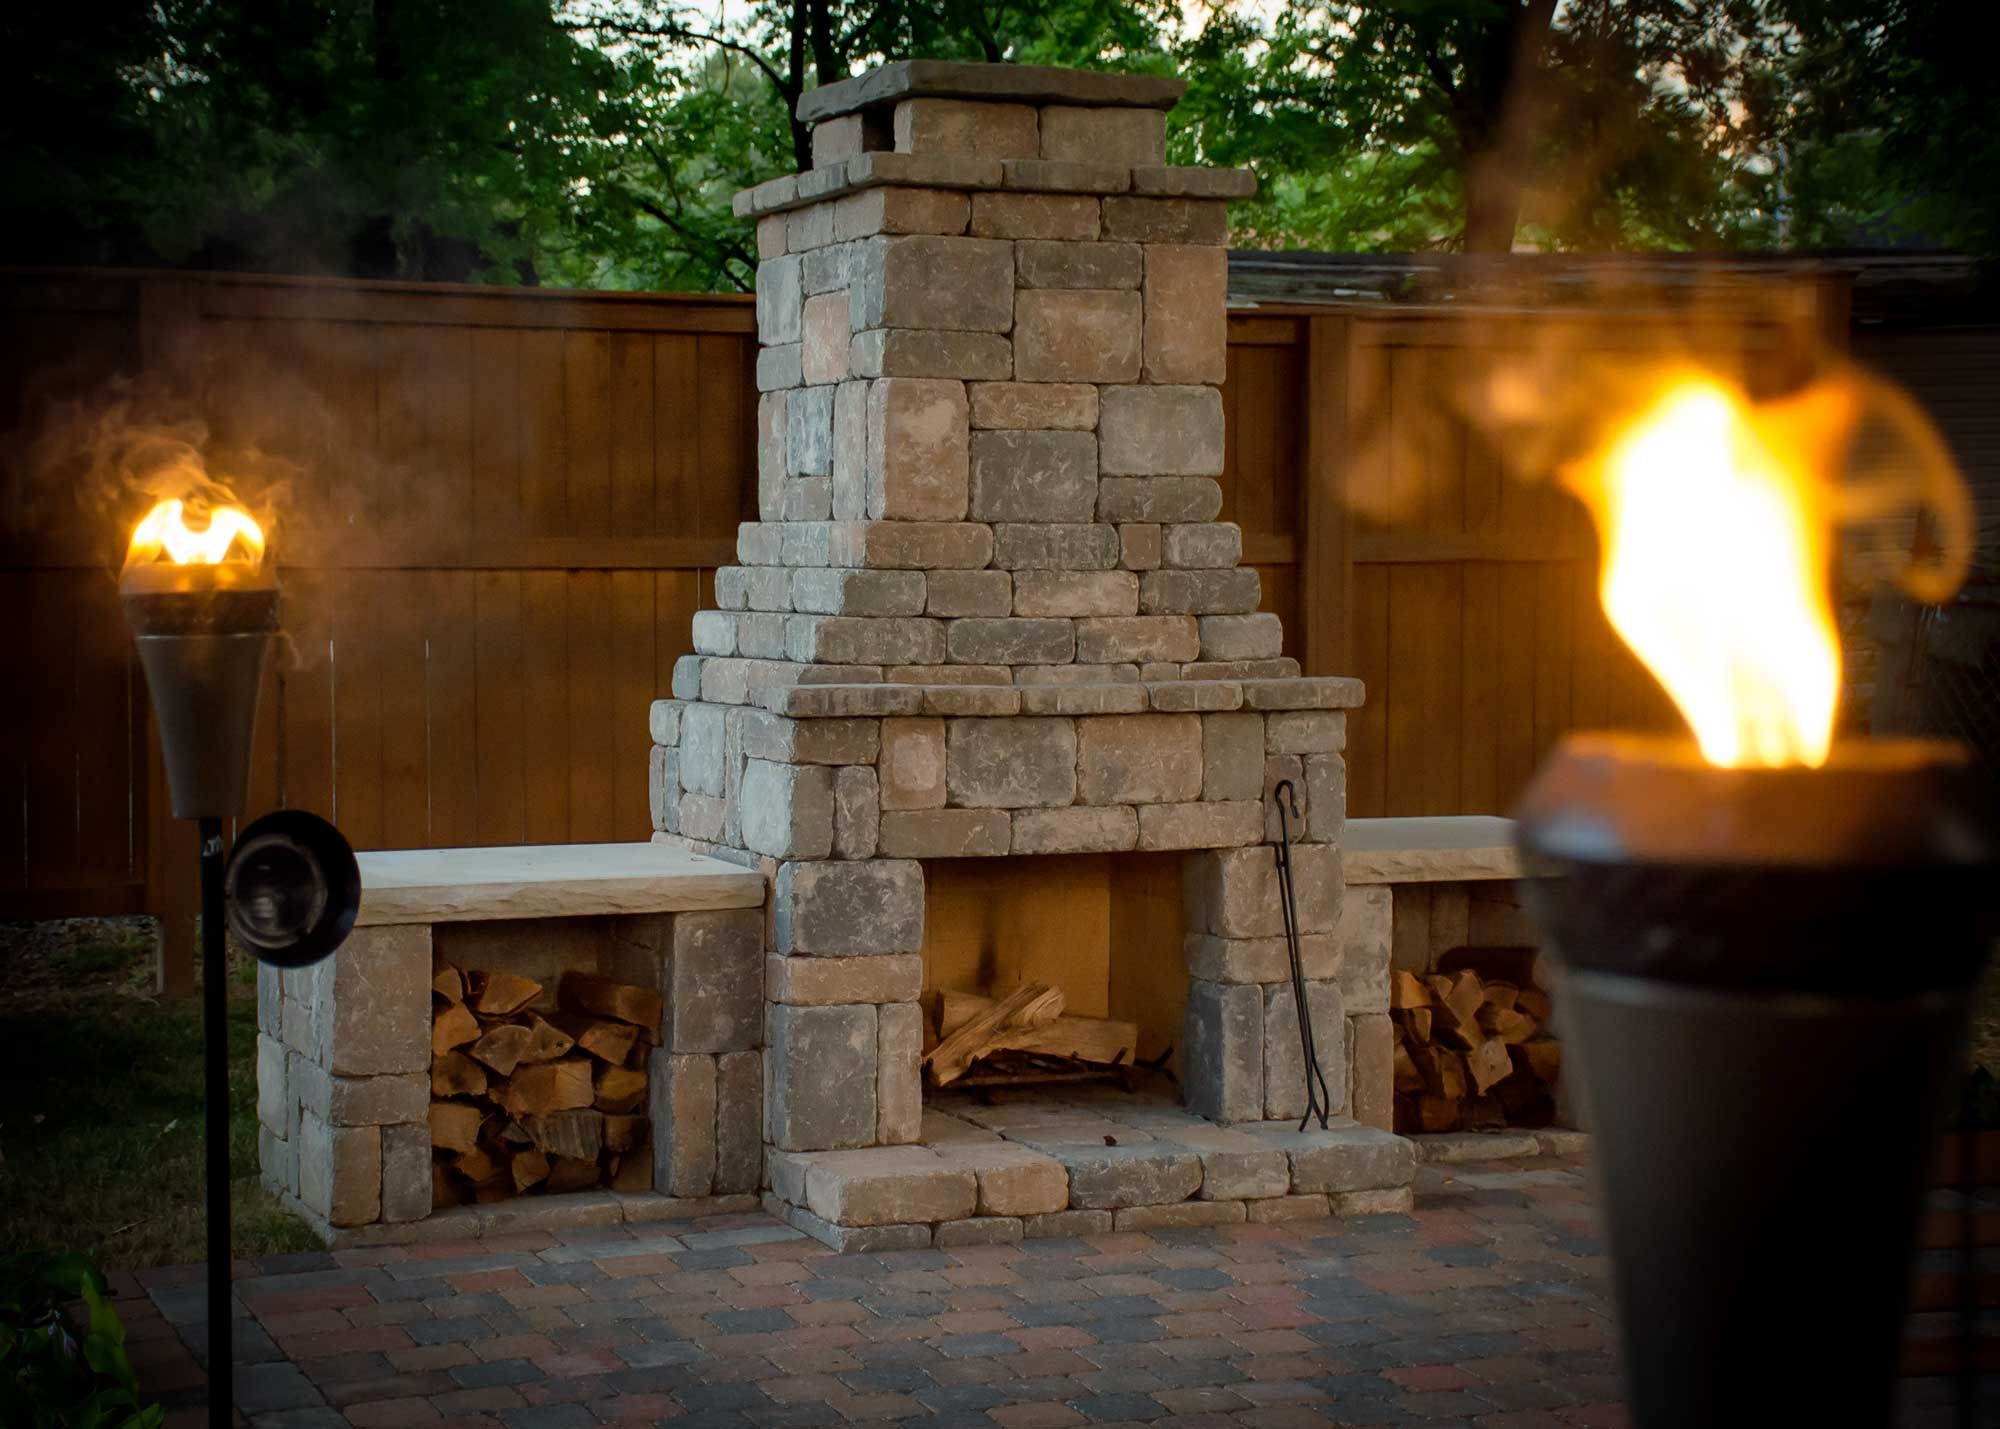 Fremont Fireplace Kit Fireplace Kits Outdoor Fireplace Kits